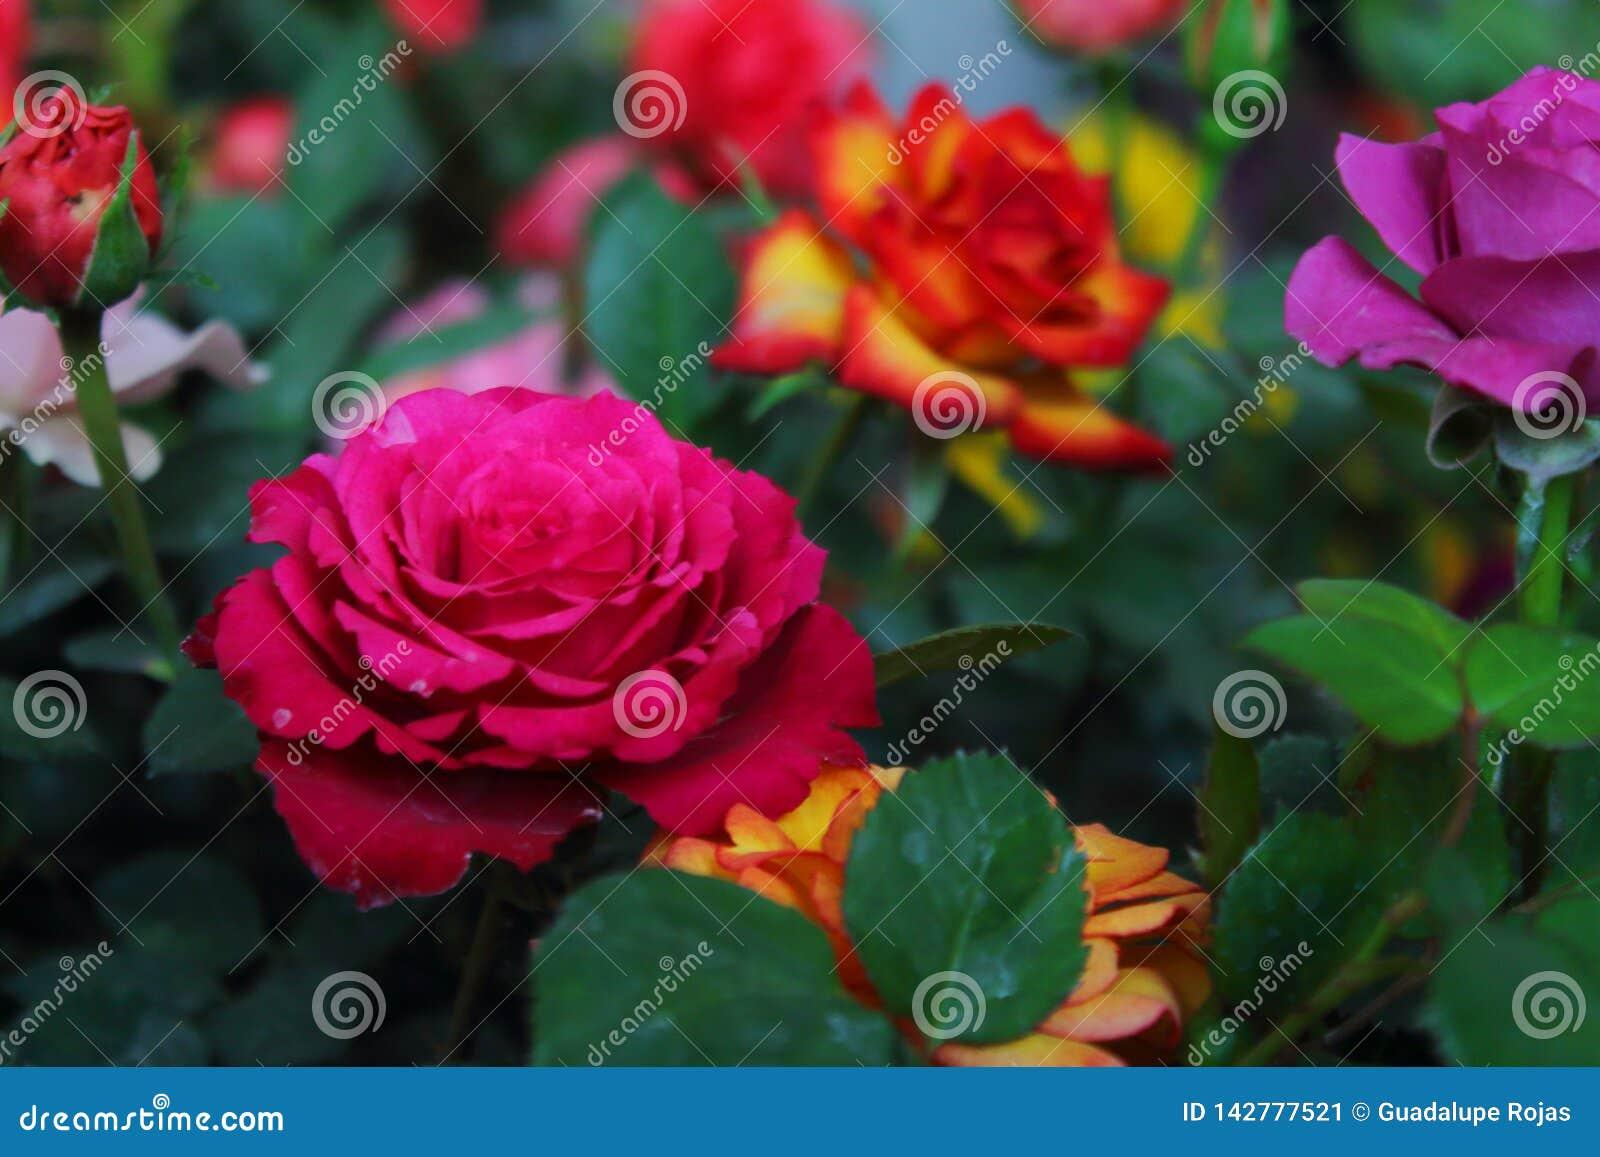 Blomma av rosen, med stora hjärta-formade kronblad, ryggar på stammen, ljusa och omväxlande färger som är vita som är rosa som är